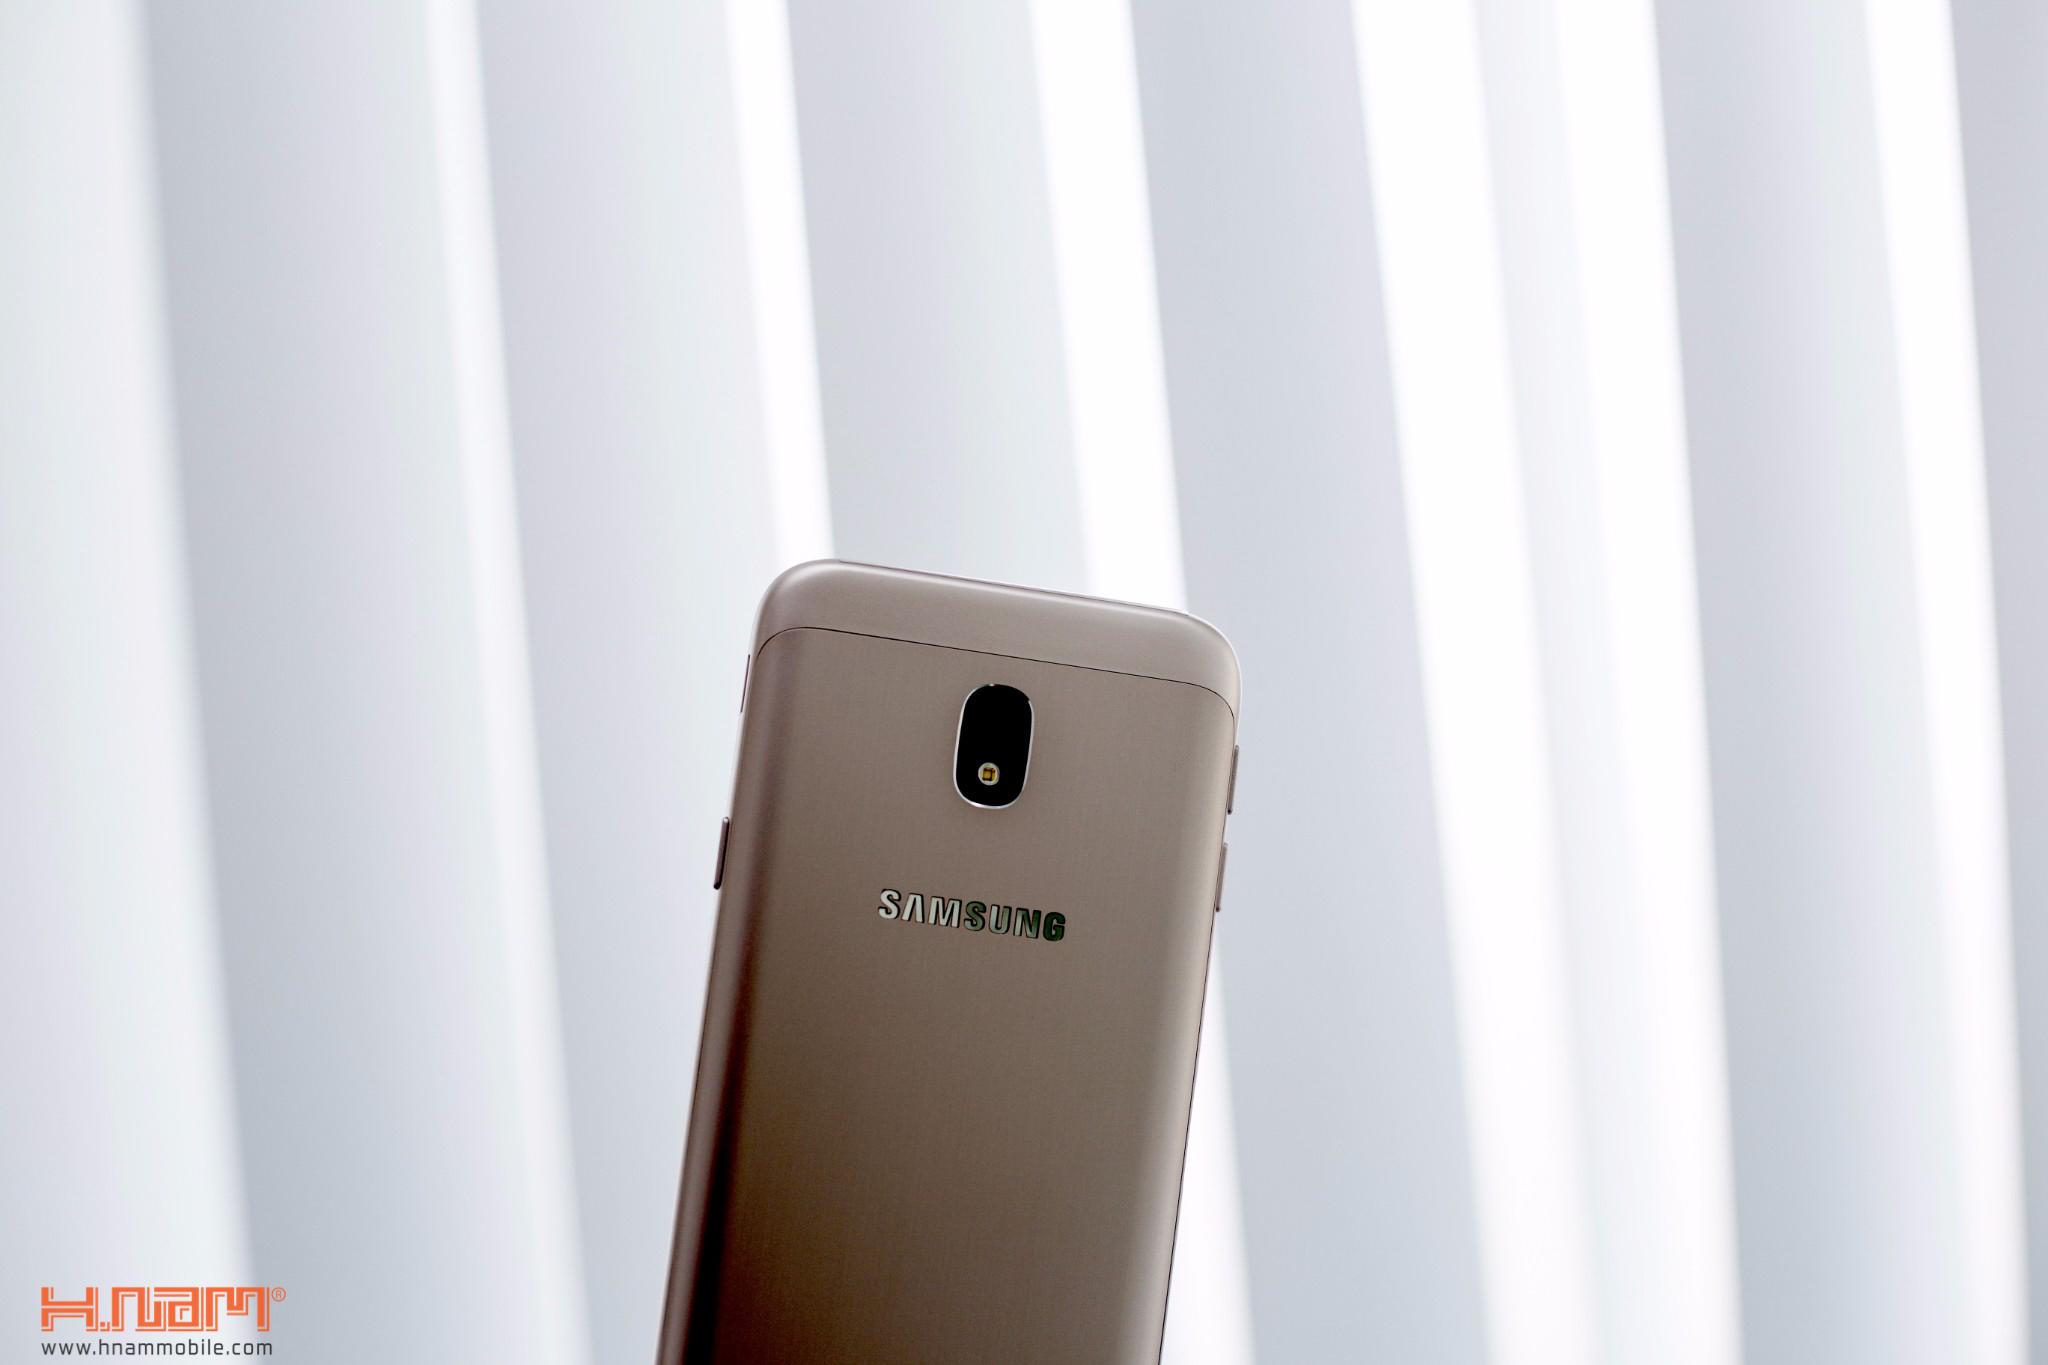 Đập hộp Samsung Galaxy J3 Pro: giá hơn 4 triệu đồng, camera F/1.9 hình 14